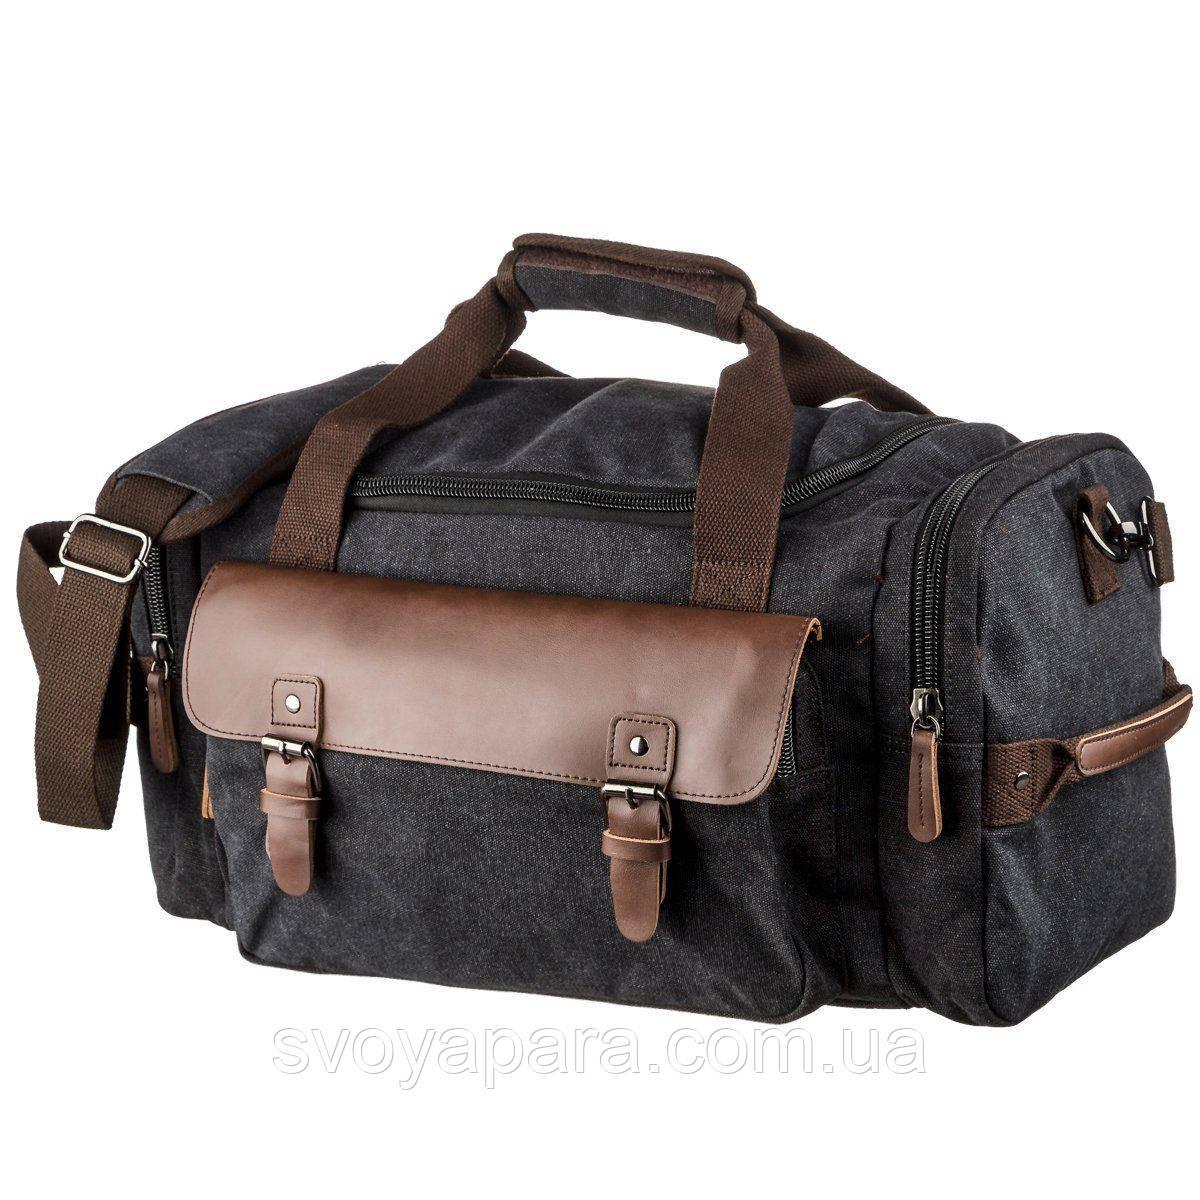 Дорожная сумка текстильная с карманом Vintage 20192 Черная